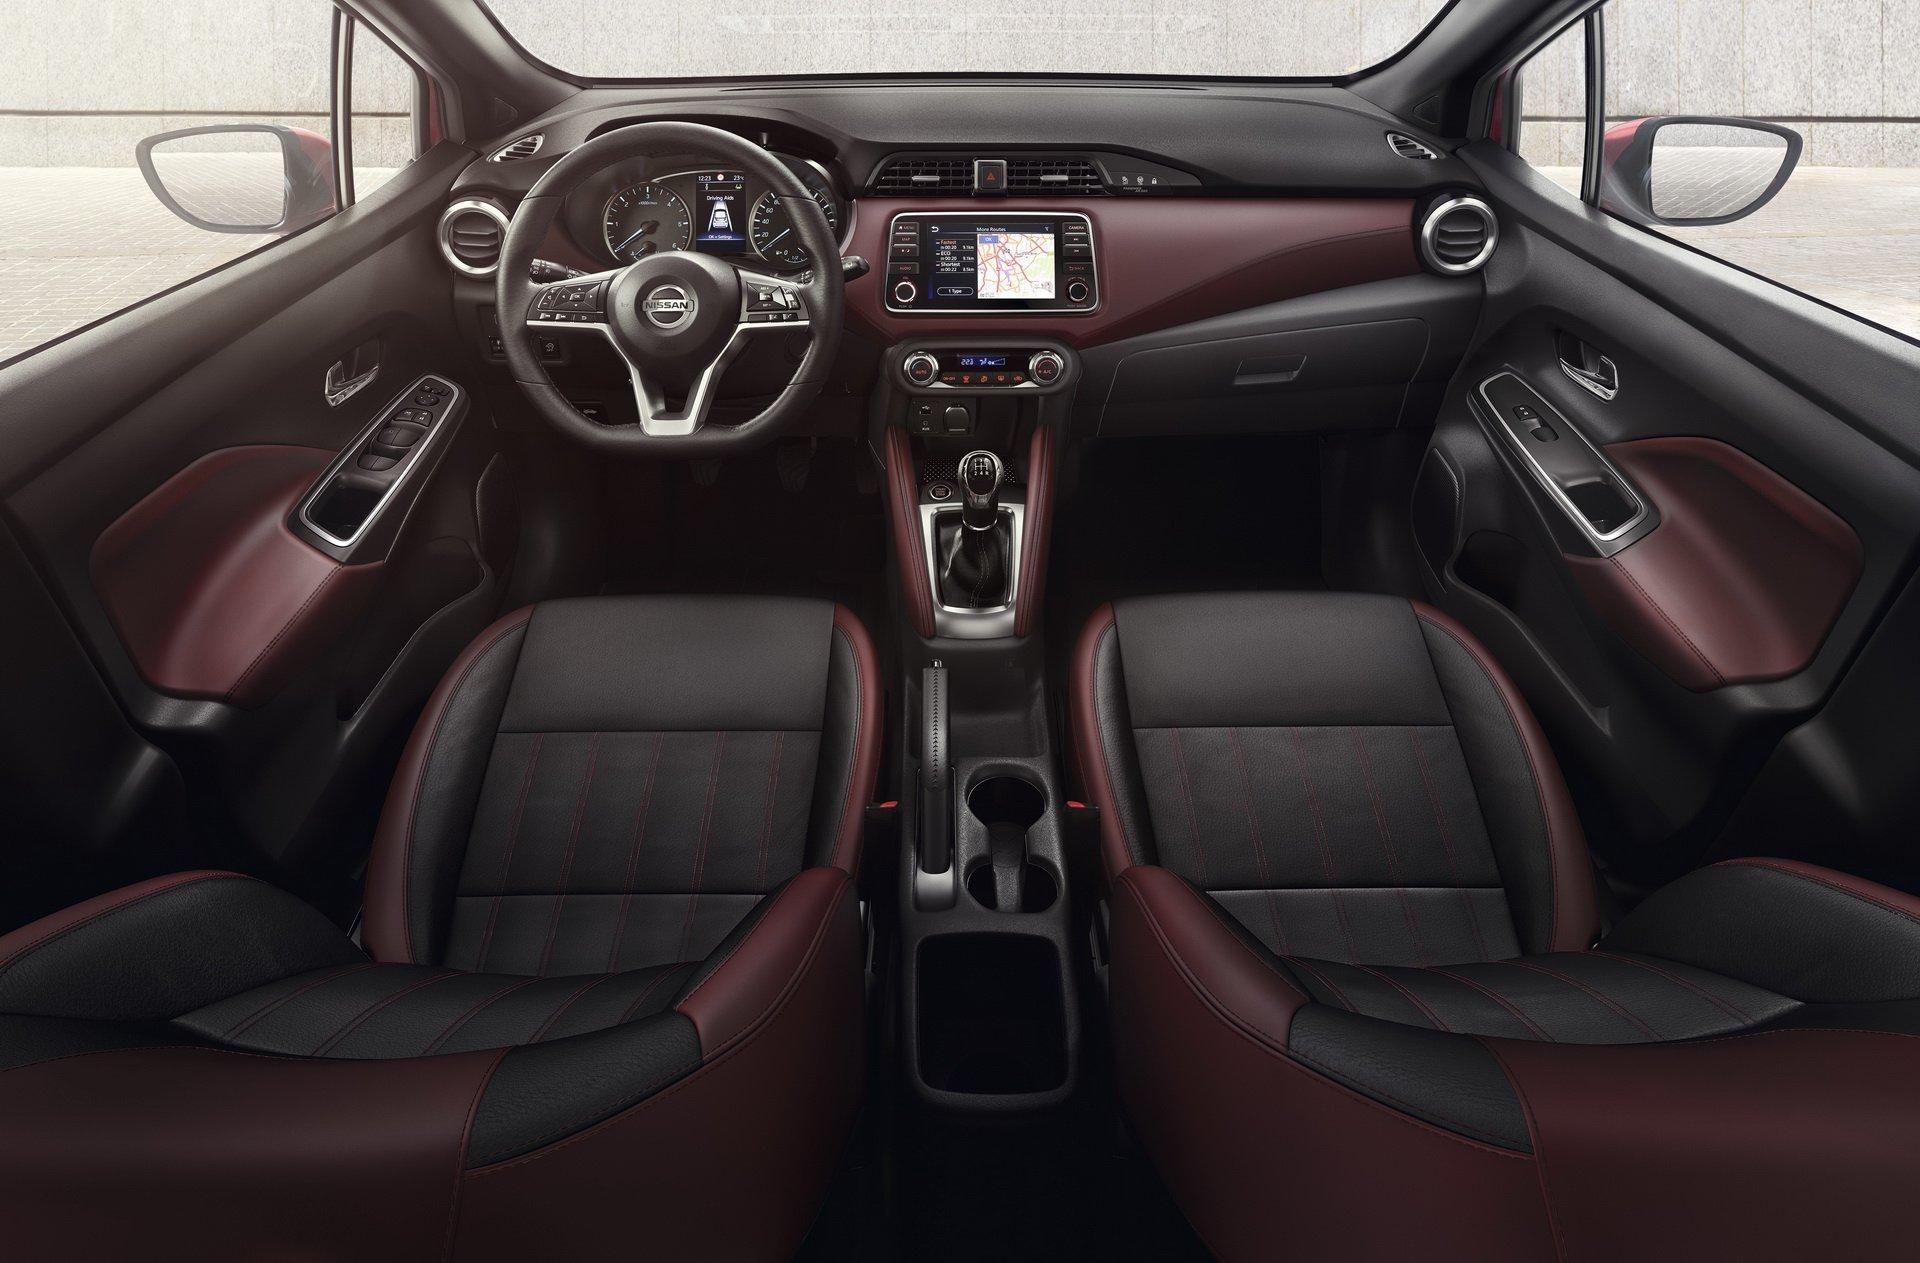 Nissan_Micra_infontaiment_0004